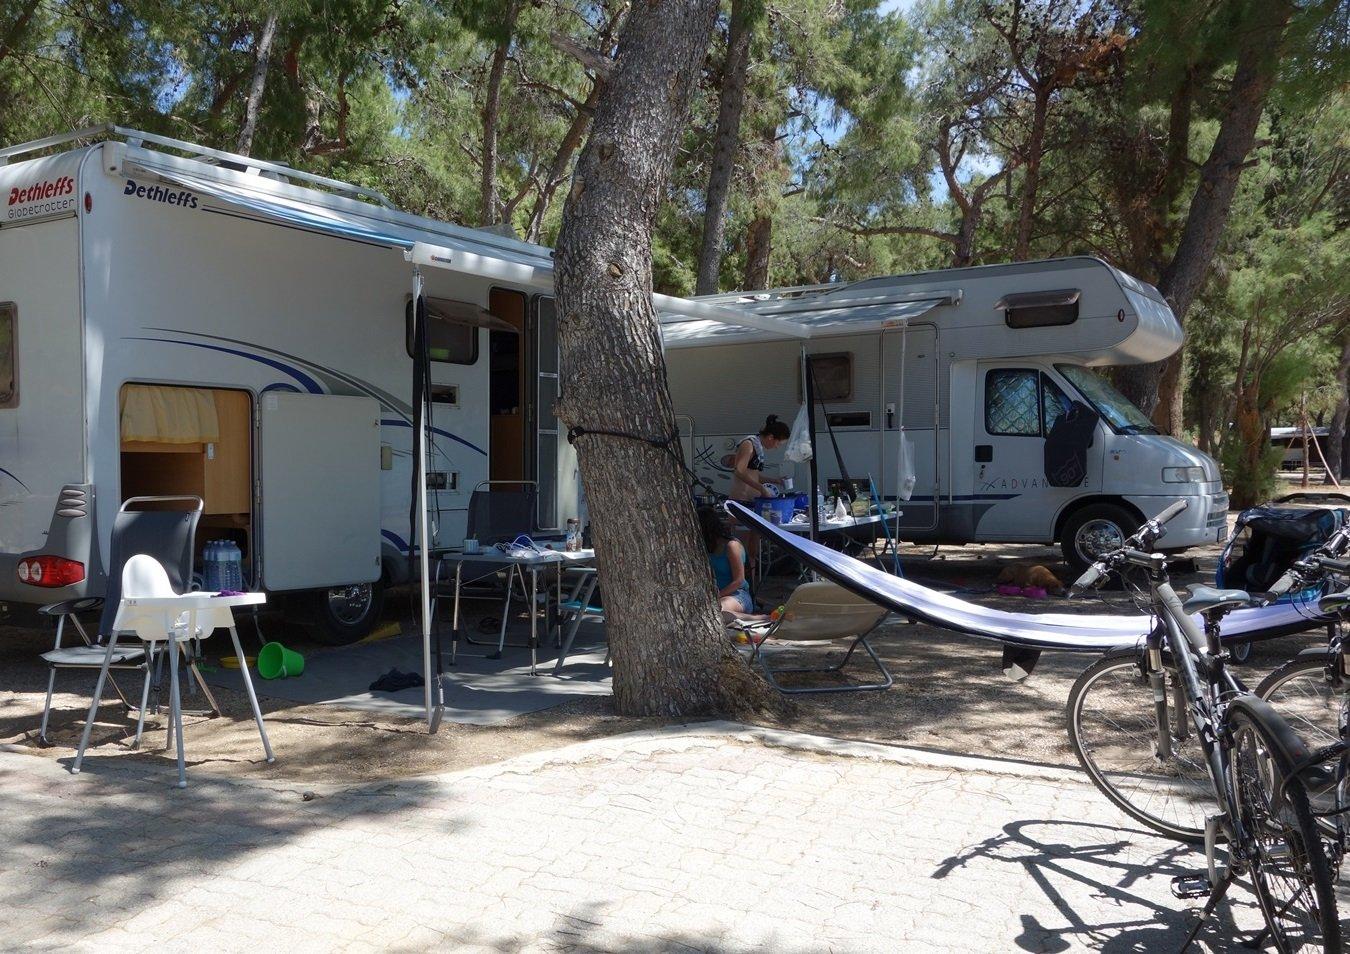 DSC00139 - Mit dem Camper nach Griechenland